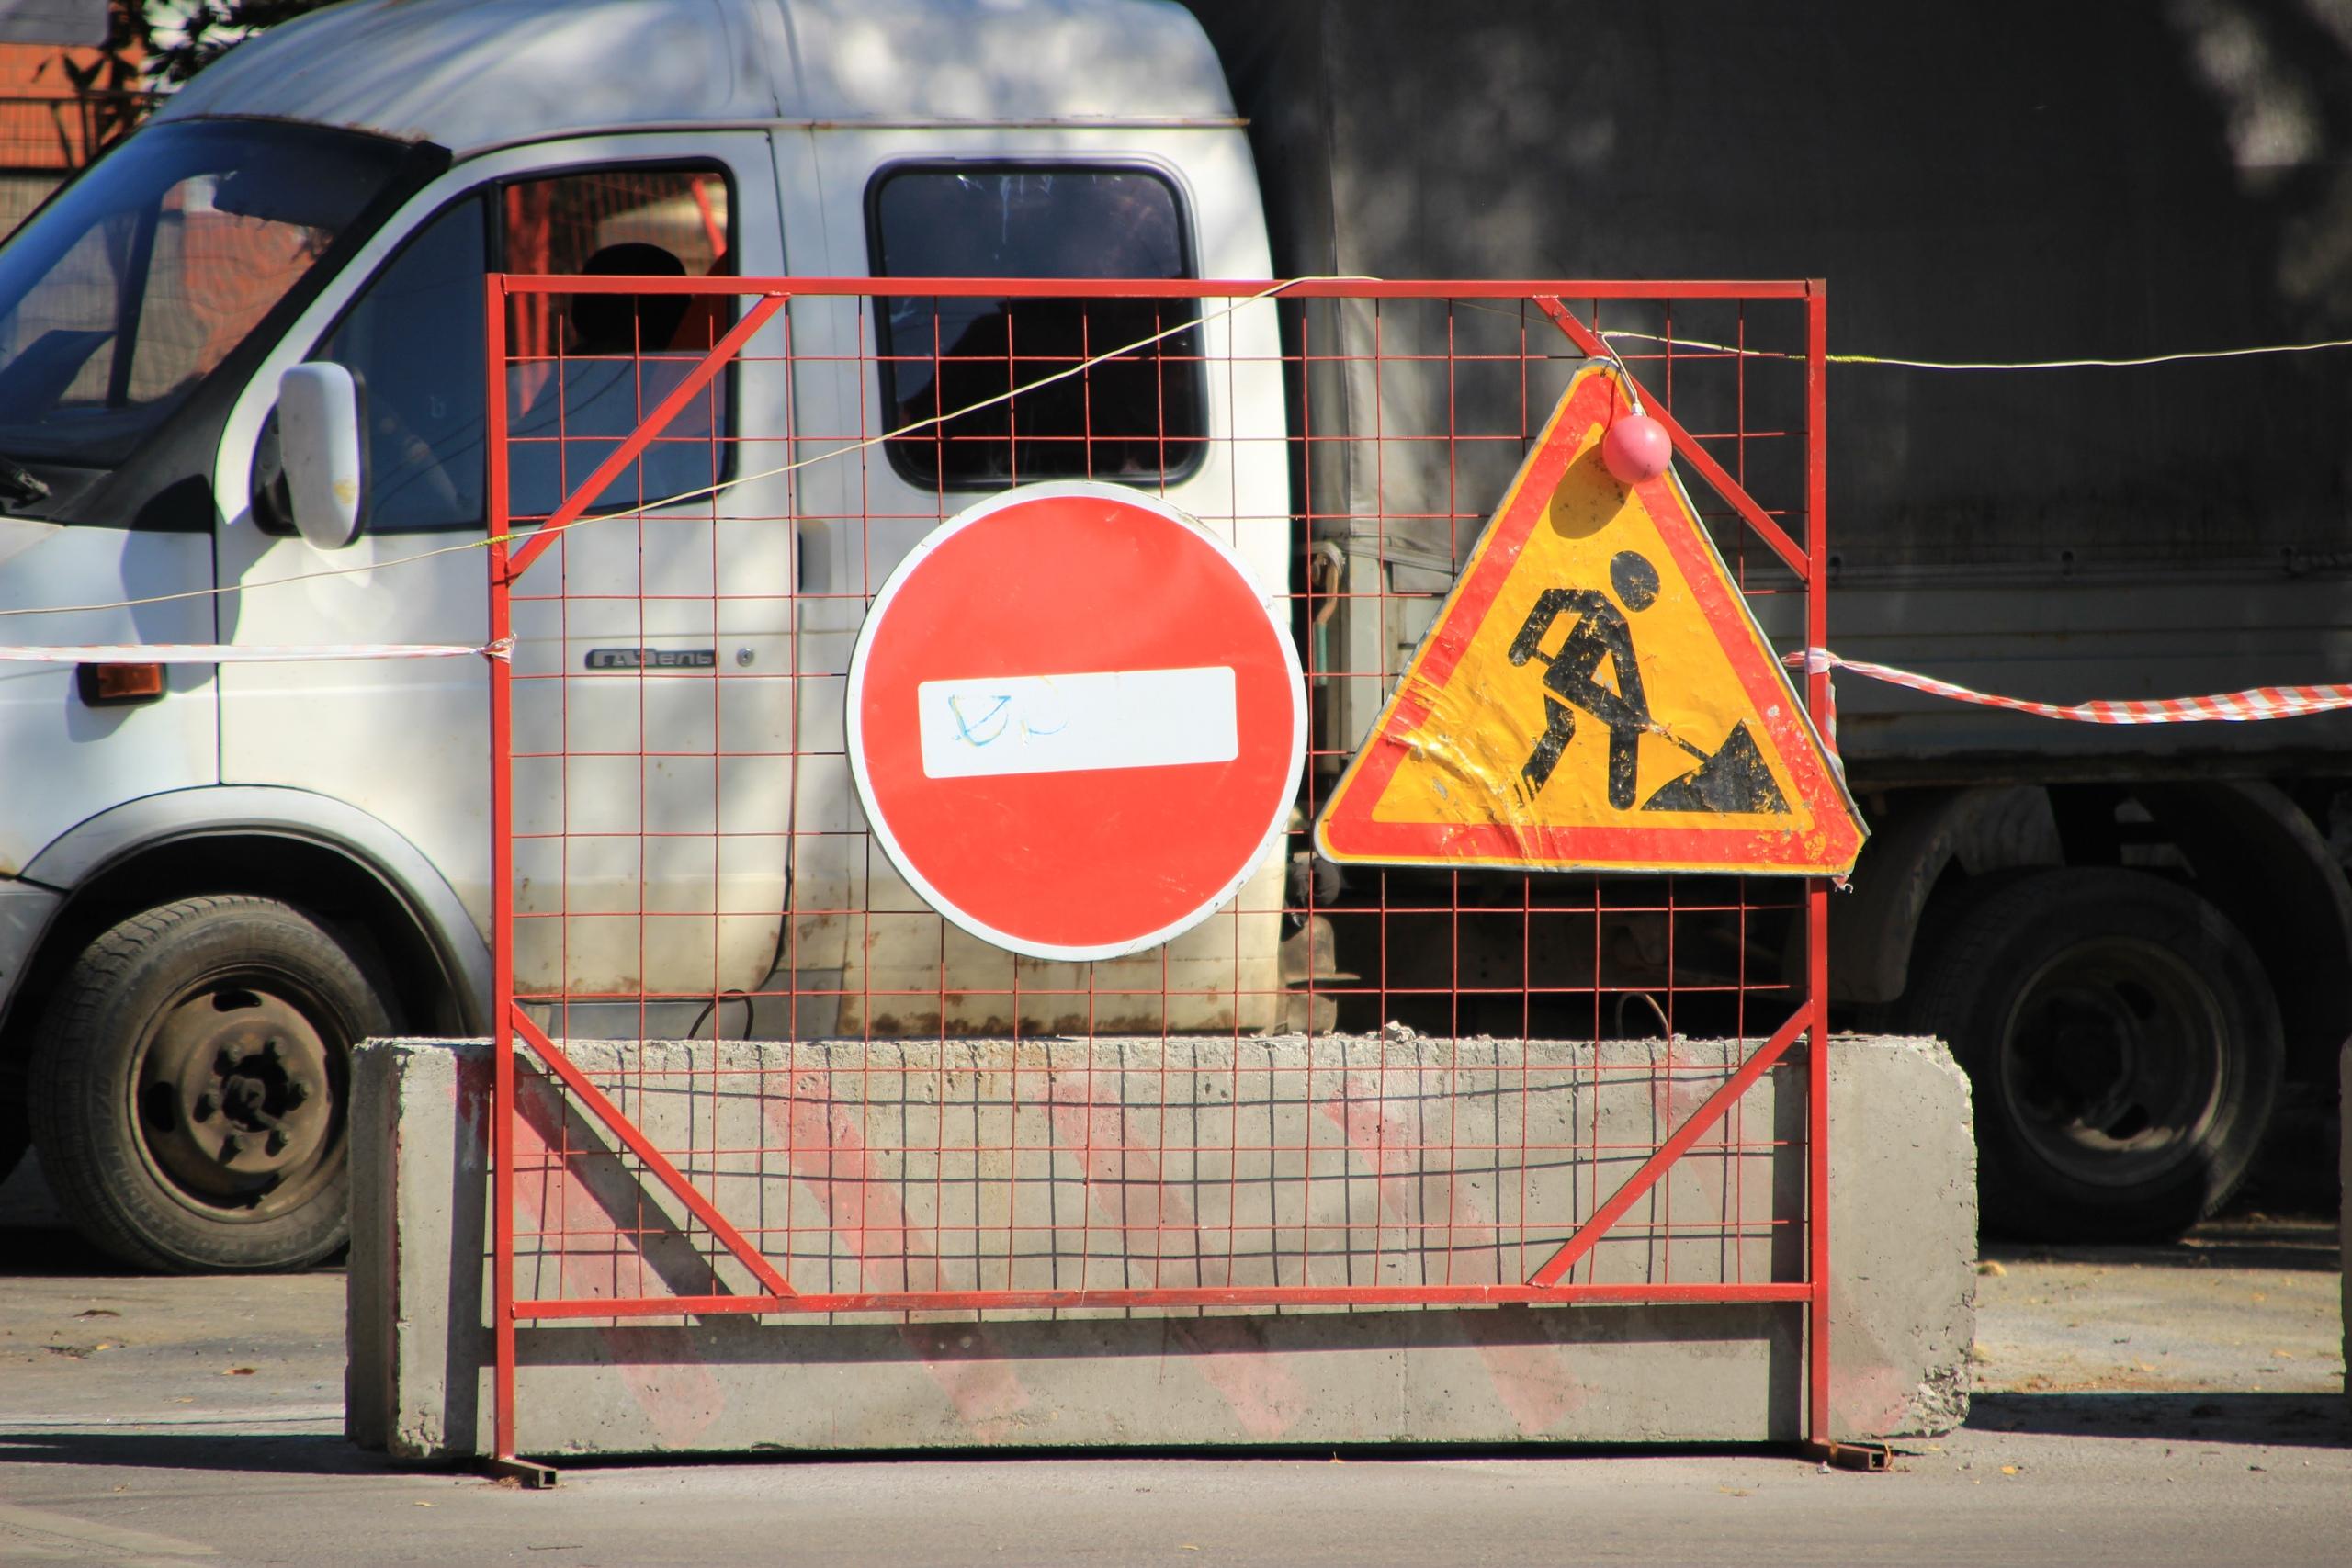 Сроки работ на улице Паши Савельевой в Твери могут продлить до середины июня - новости Афанасий